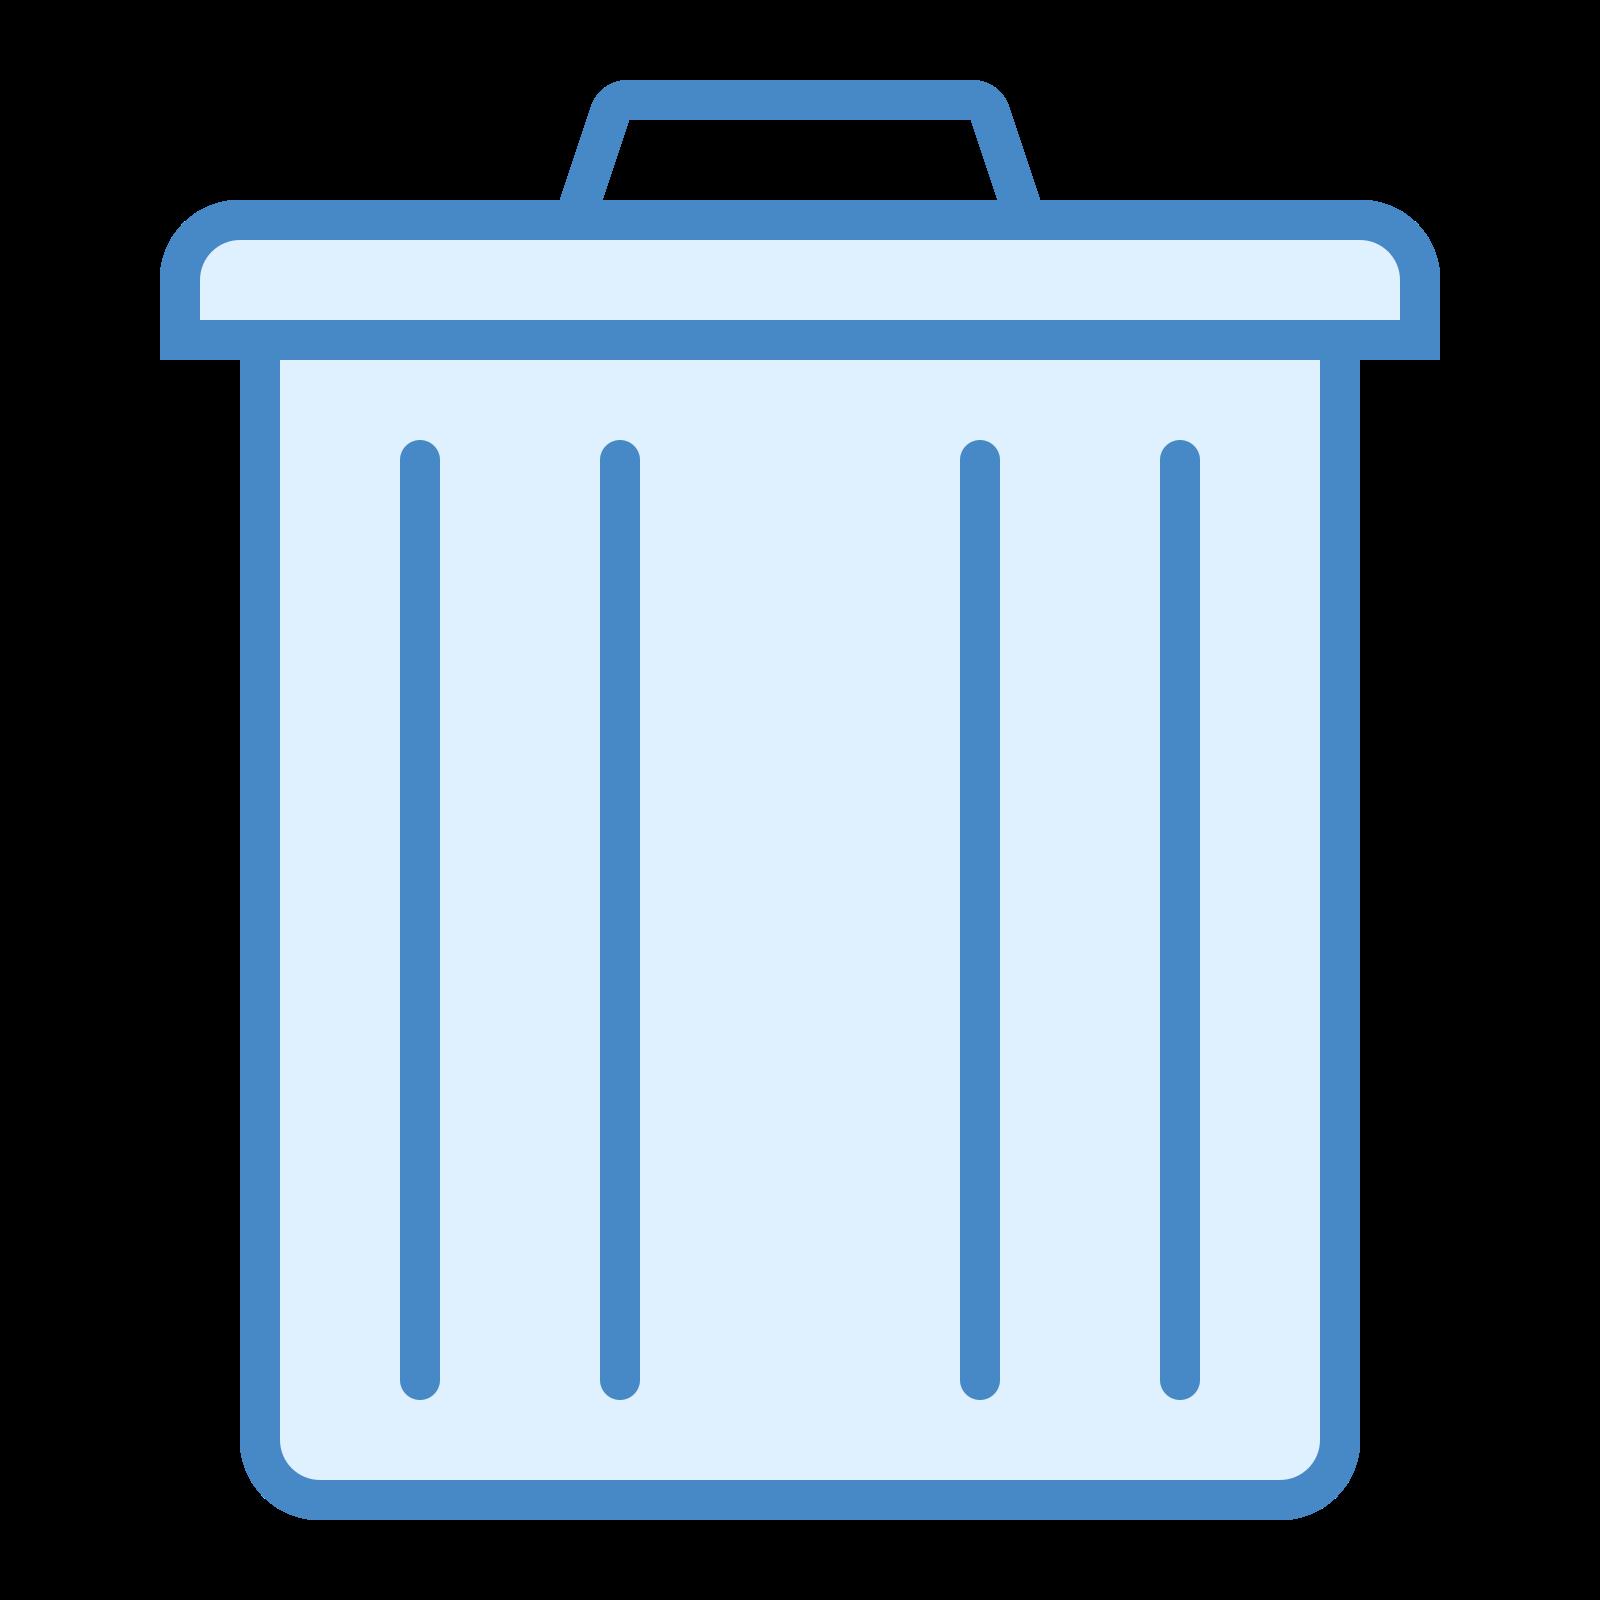 削除 icon. The icon shows an old style round metal trash can with closed metal lid on top. The icon would be seen on a computer or device as a place to delete items from the system.